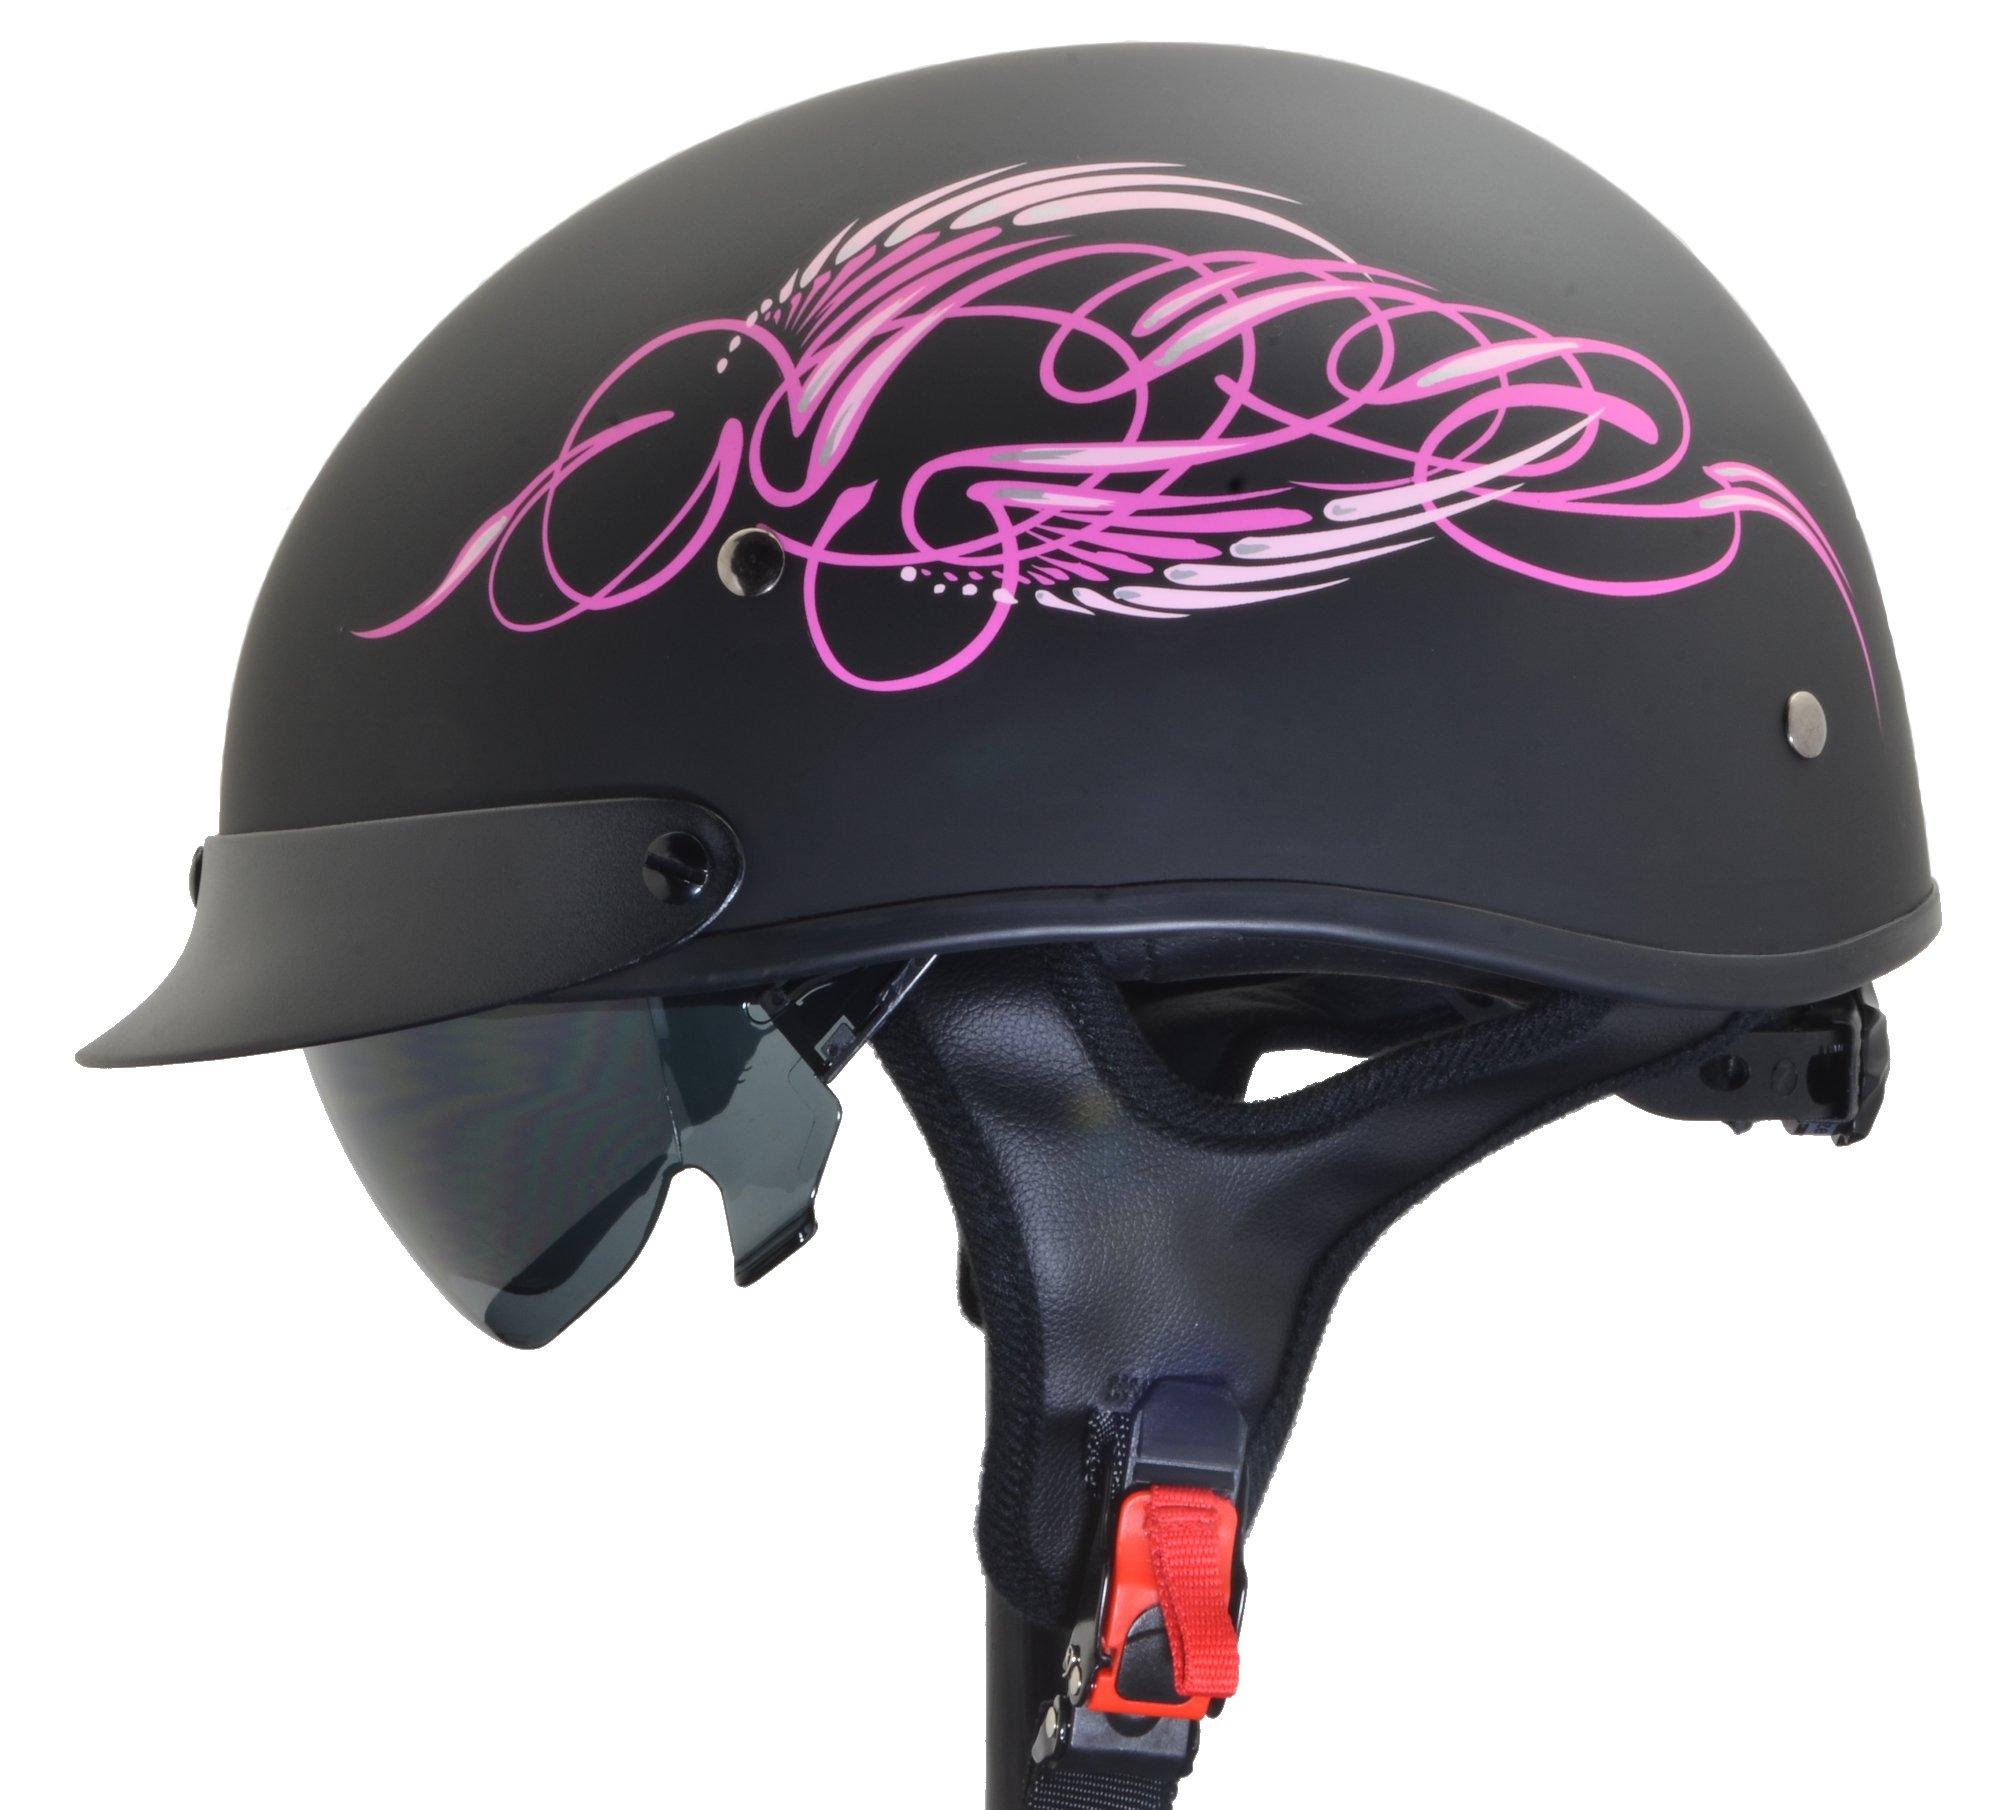 Vega Helmets Unisex-Adult Half Helmet (Pink Scroll on Matte Black, Small) by Vega Helmets